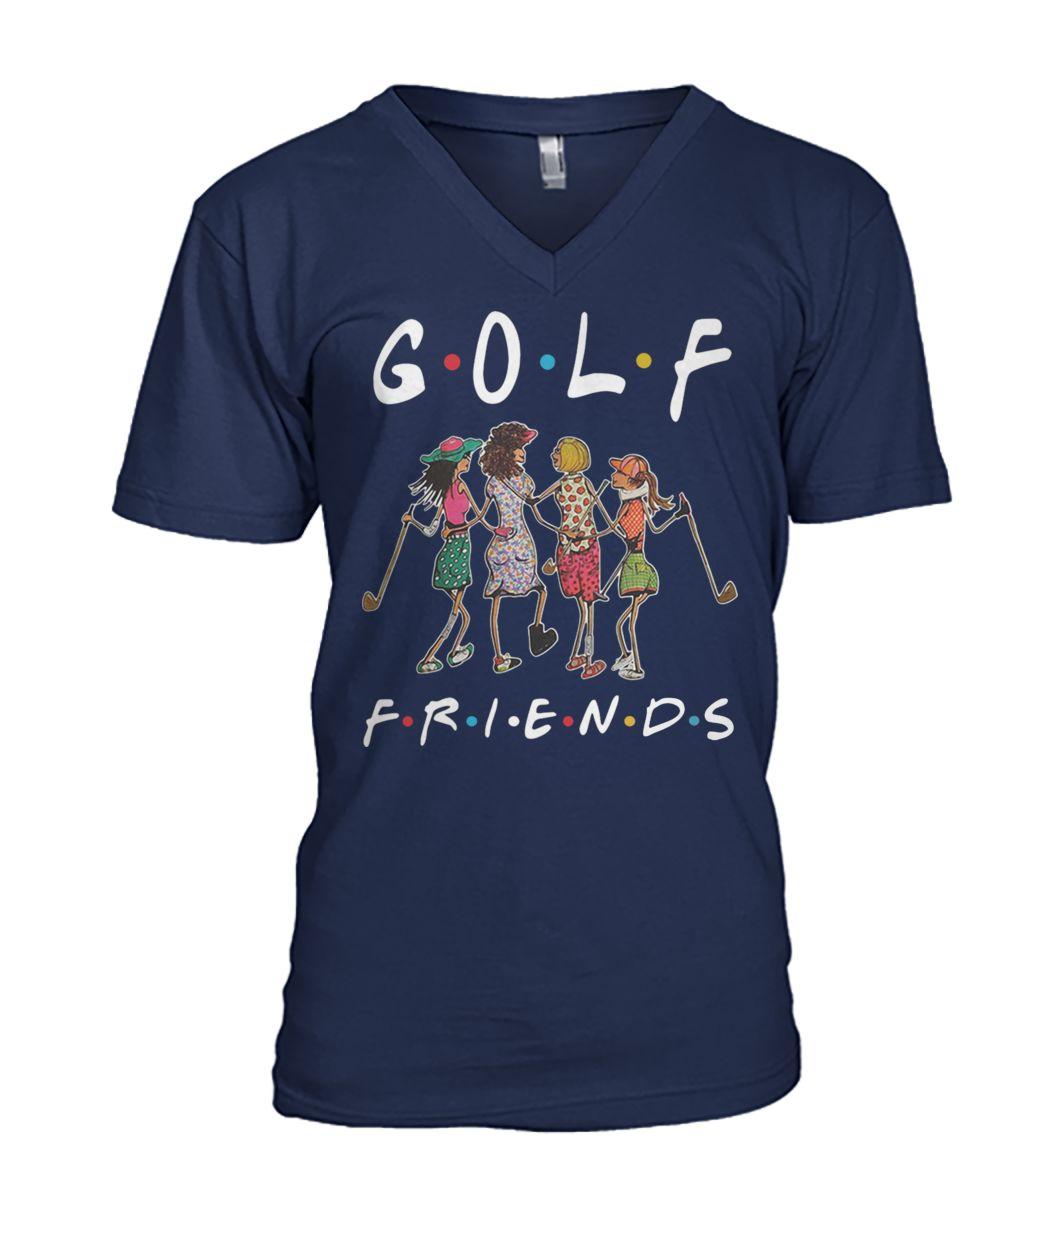 [Hot version] Golf friends tv show shirt